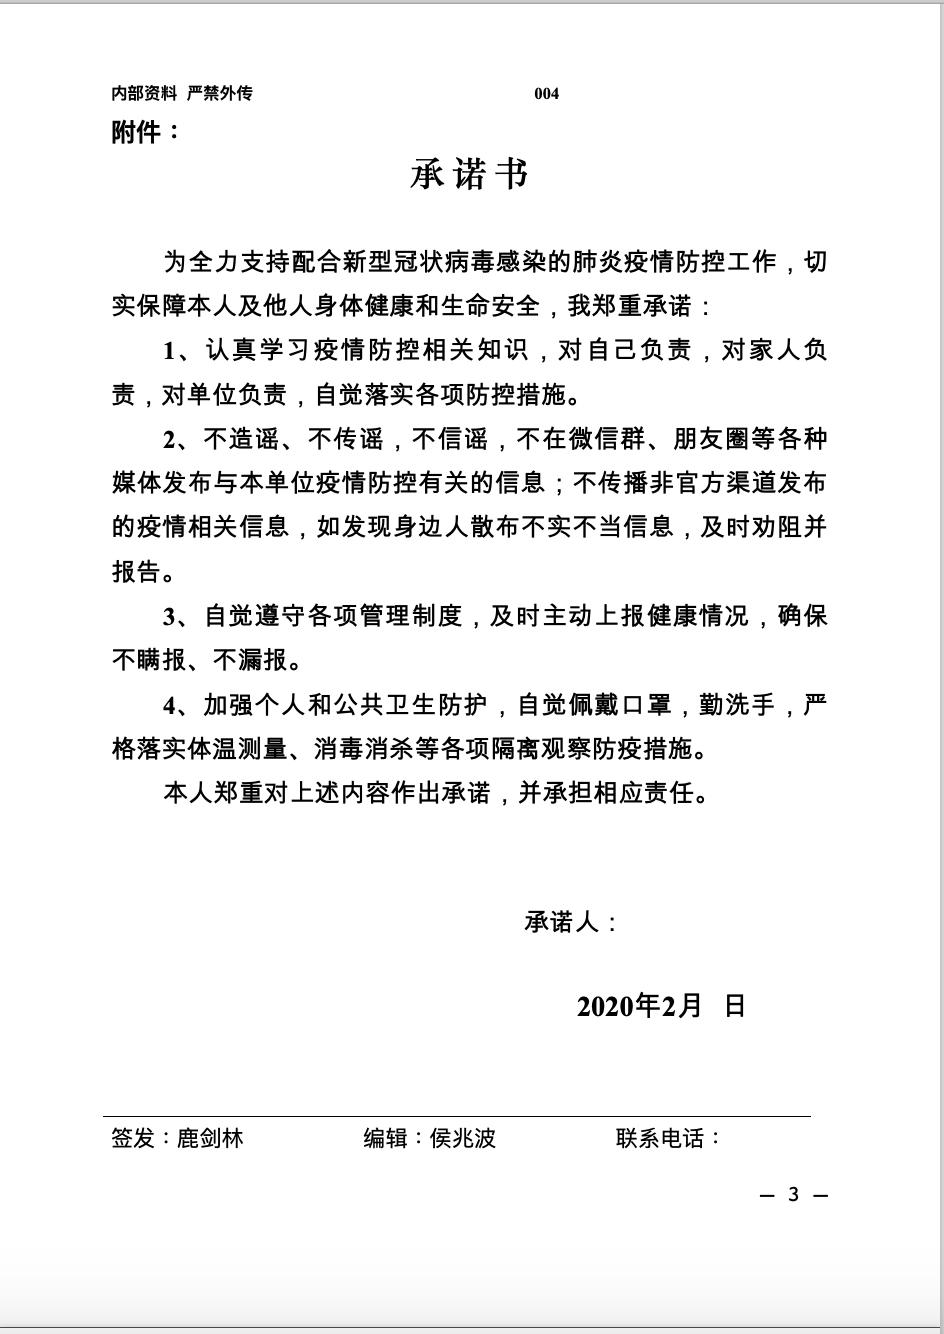 任城監獄被隔離的幹警被要求簽保密承諾書。(大紀元)